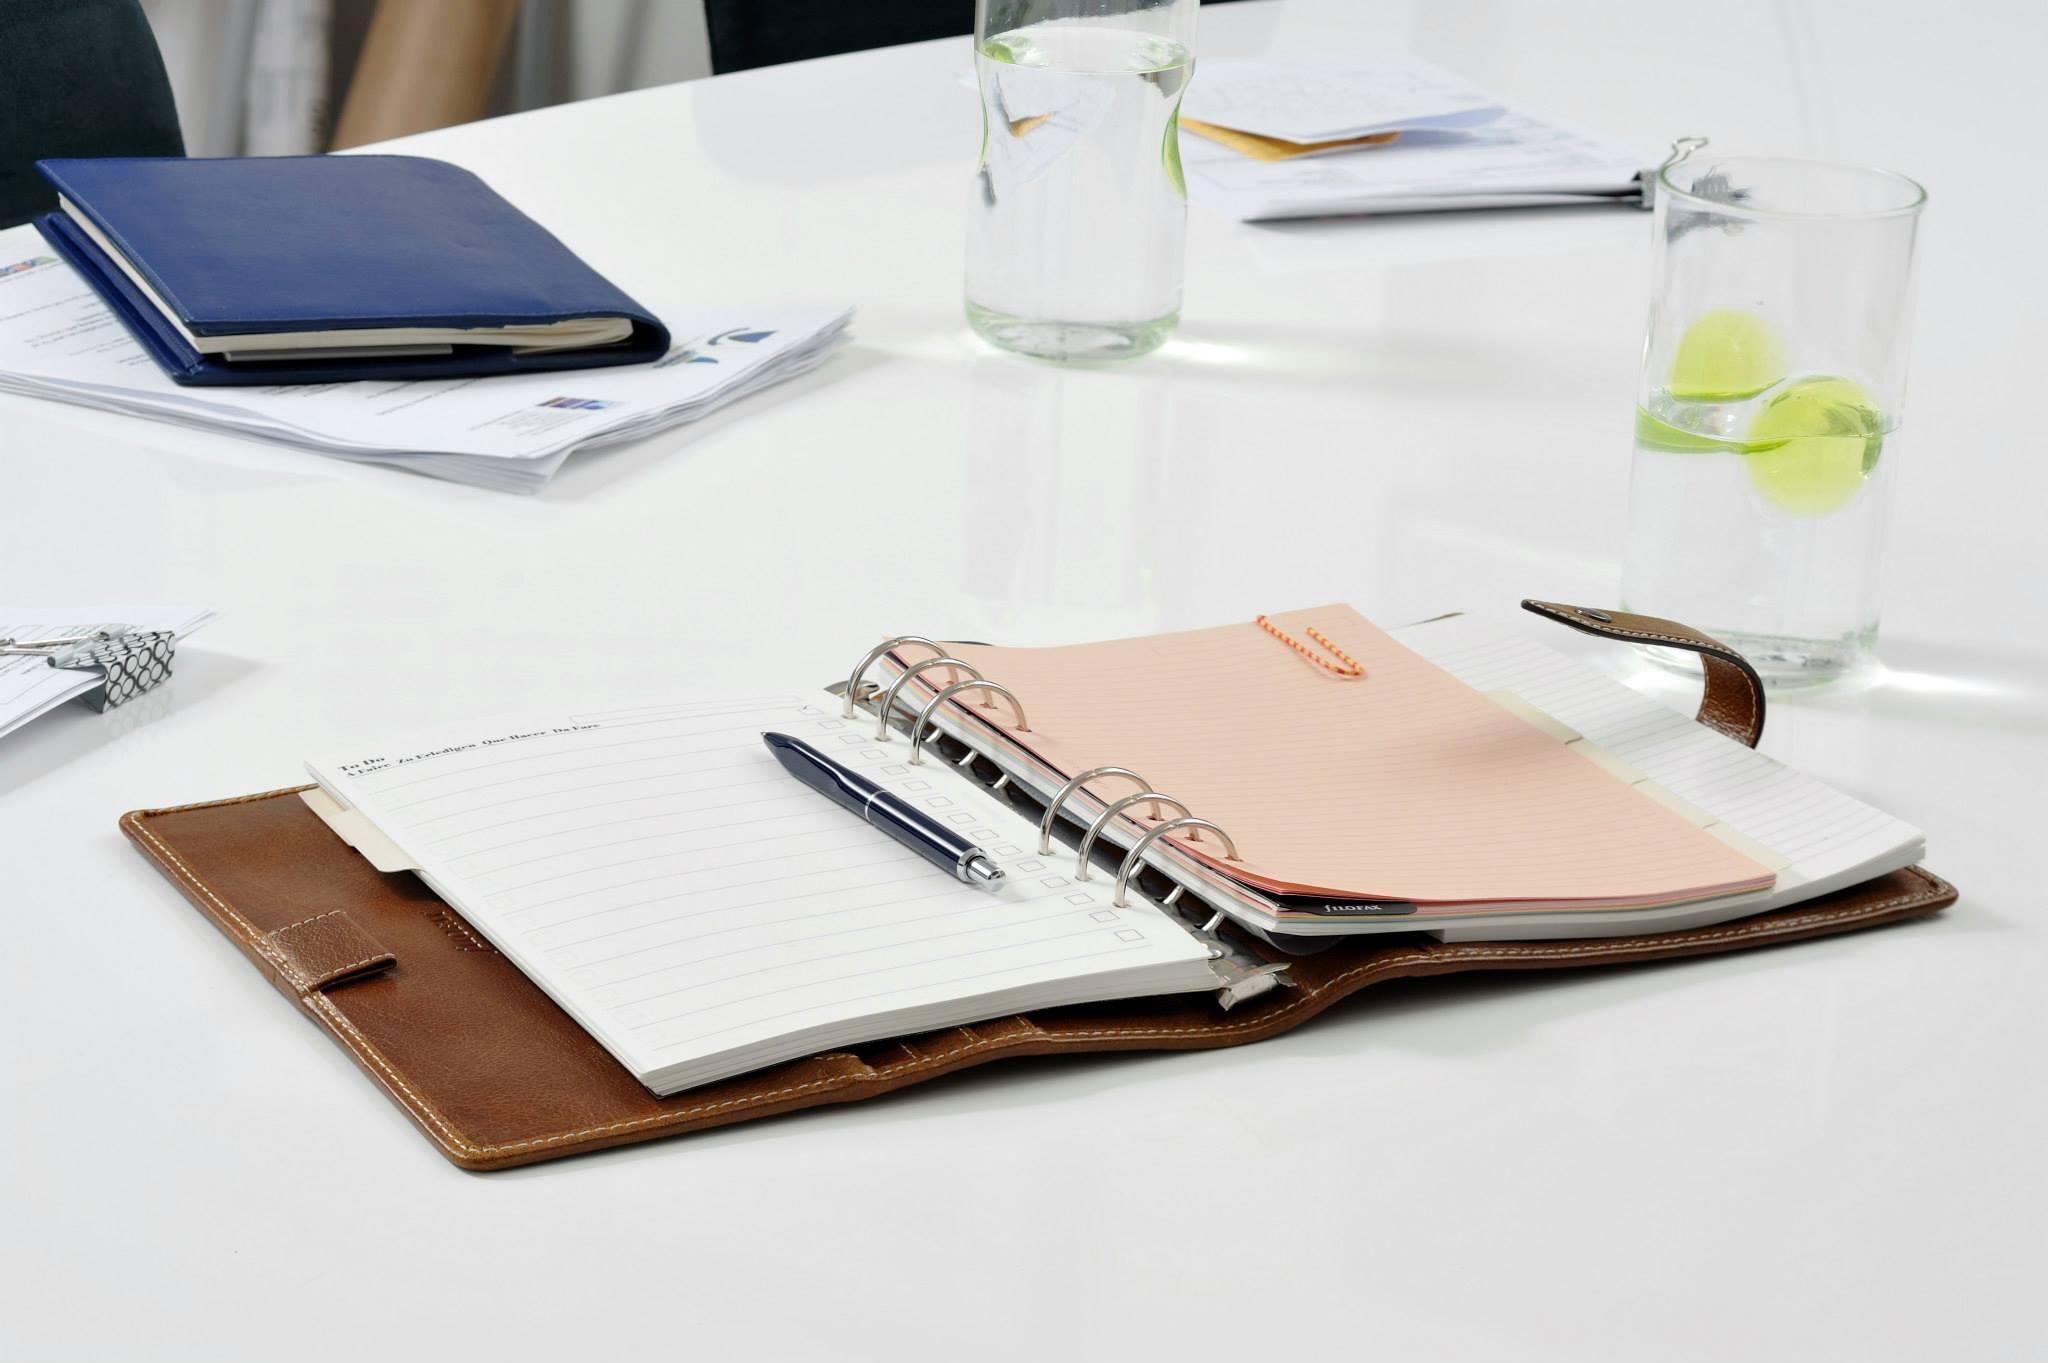 Rezerva hartie dictando 25 buc/set Cream A5, compatibila cu Agendele Organiser si cu Clipbook-urile FILOFAX